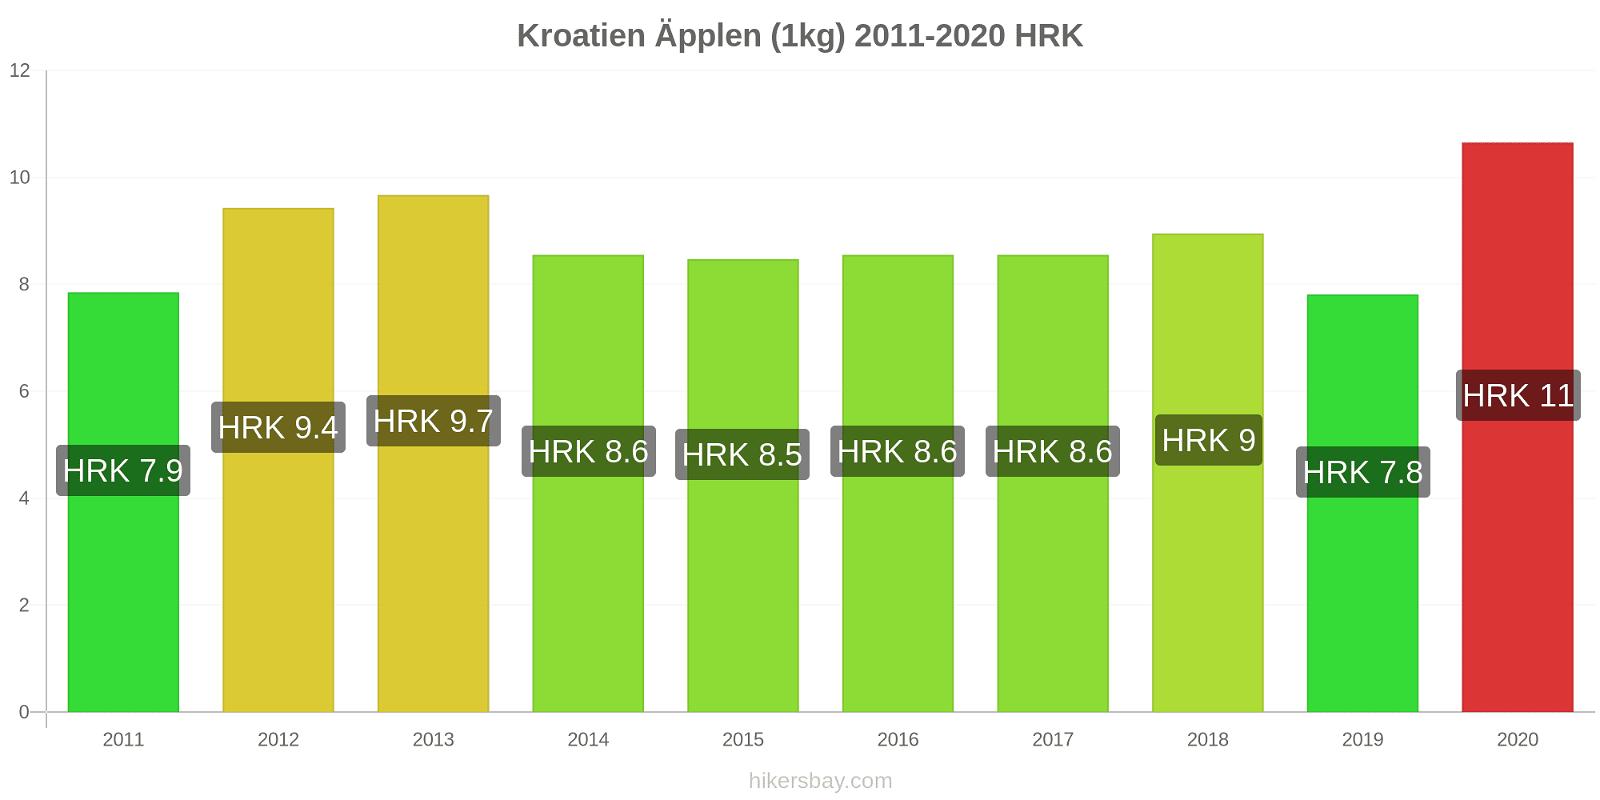 Kroatien prisförändringar Äpplen (1kg) hikersbay.com